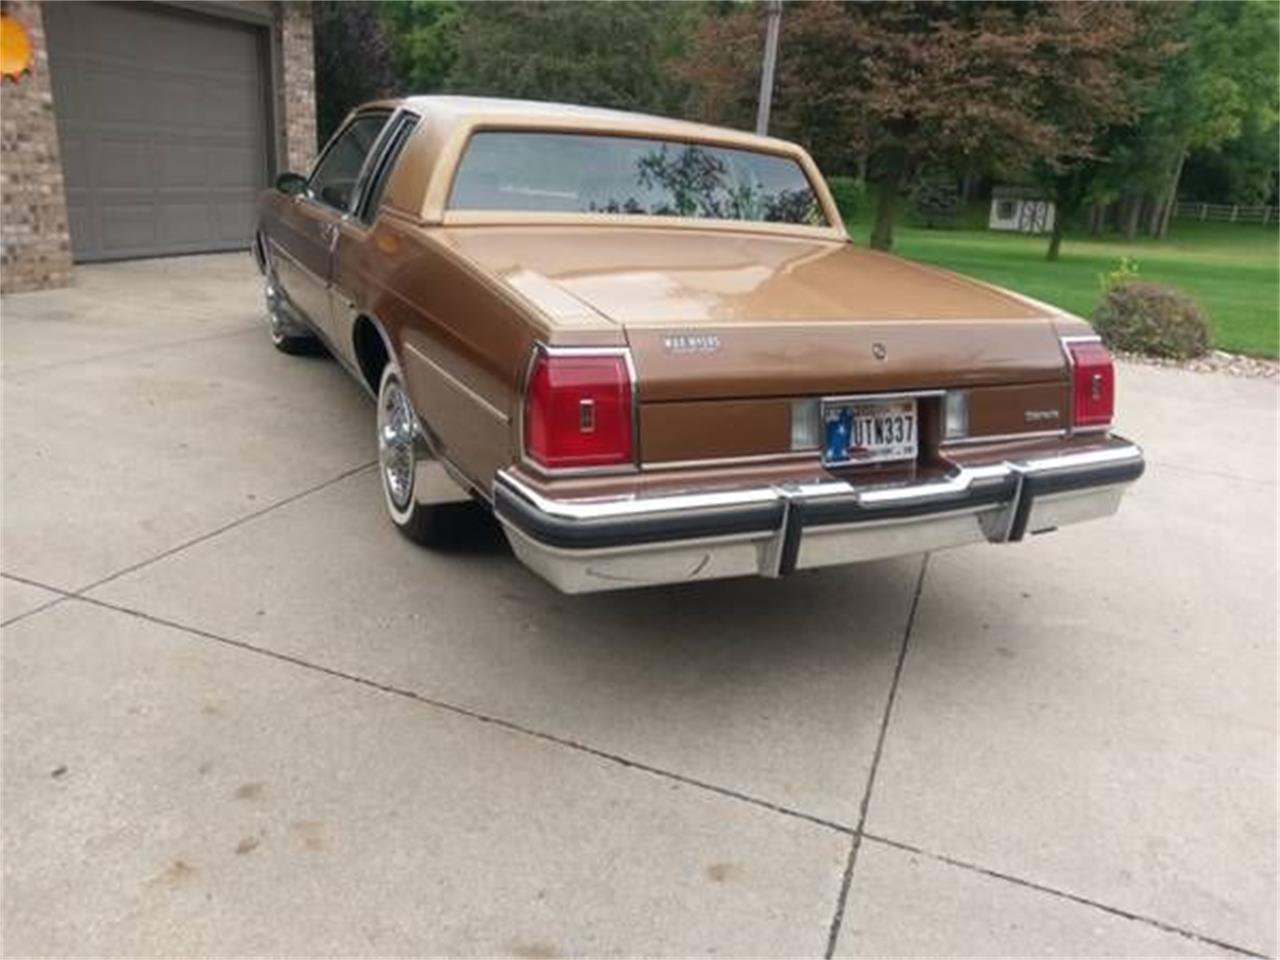 1980 Oldsmobile Delta 88 for sale in Cadillac, MI ... 1980 Oldsmobile Delta 88 For Sale